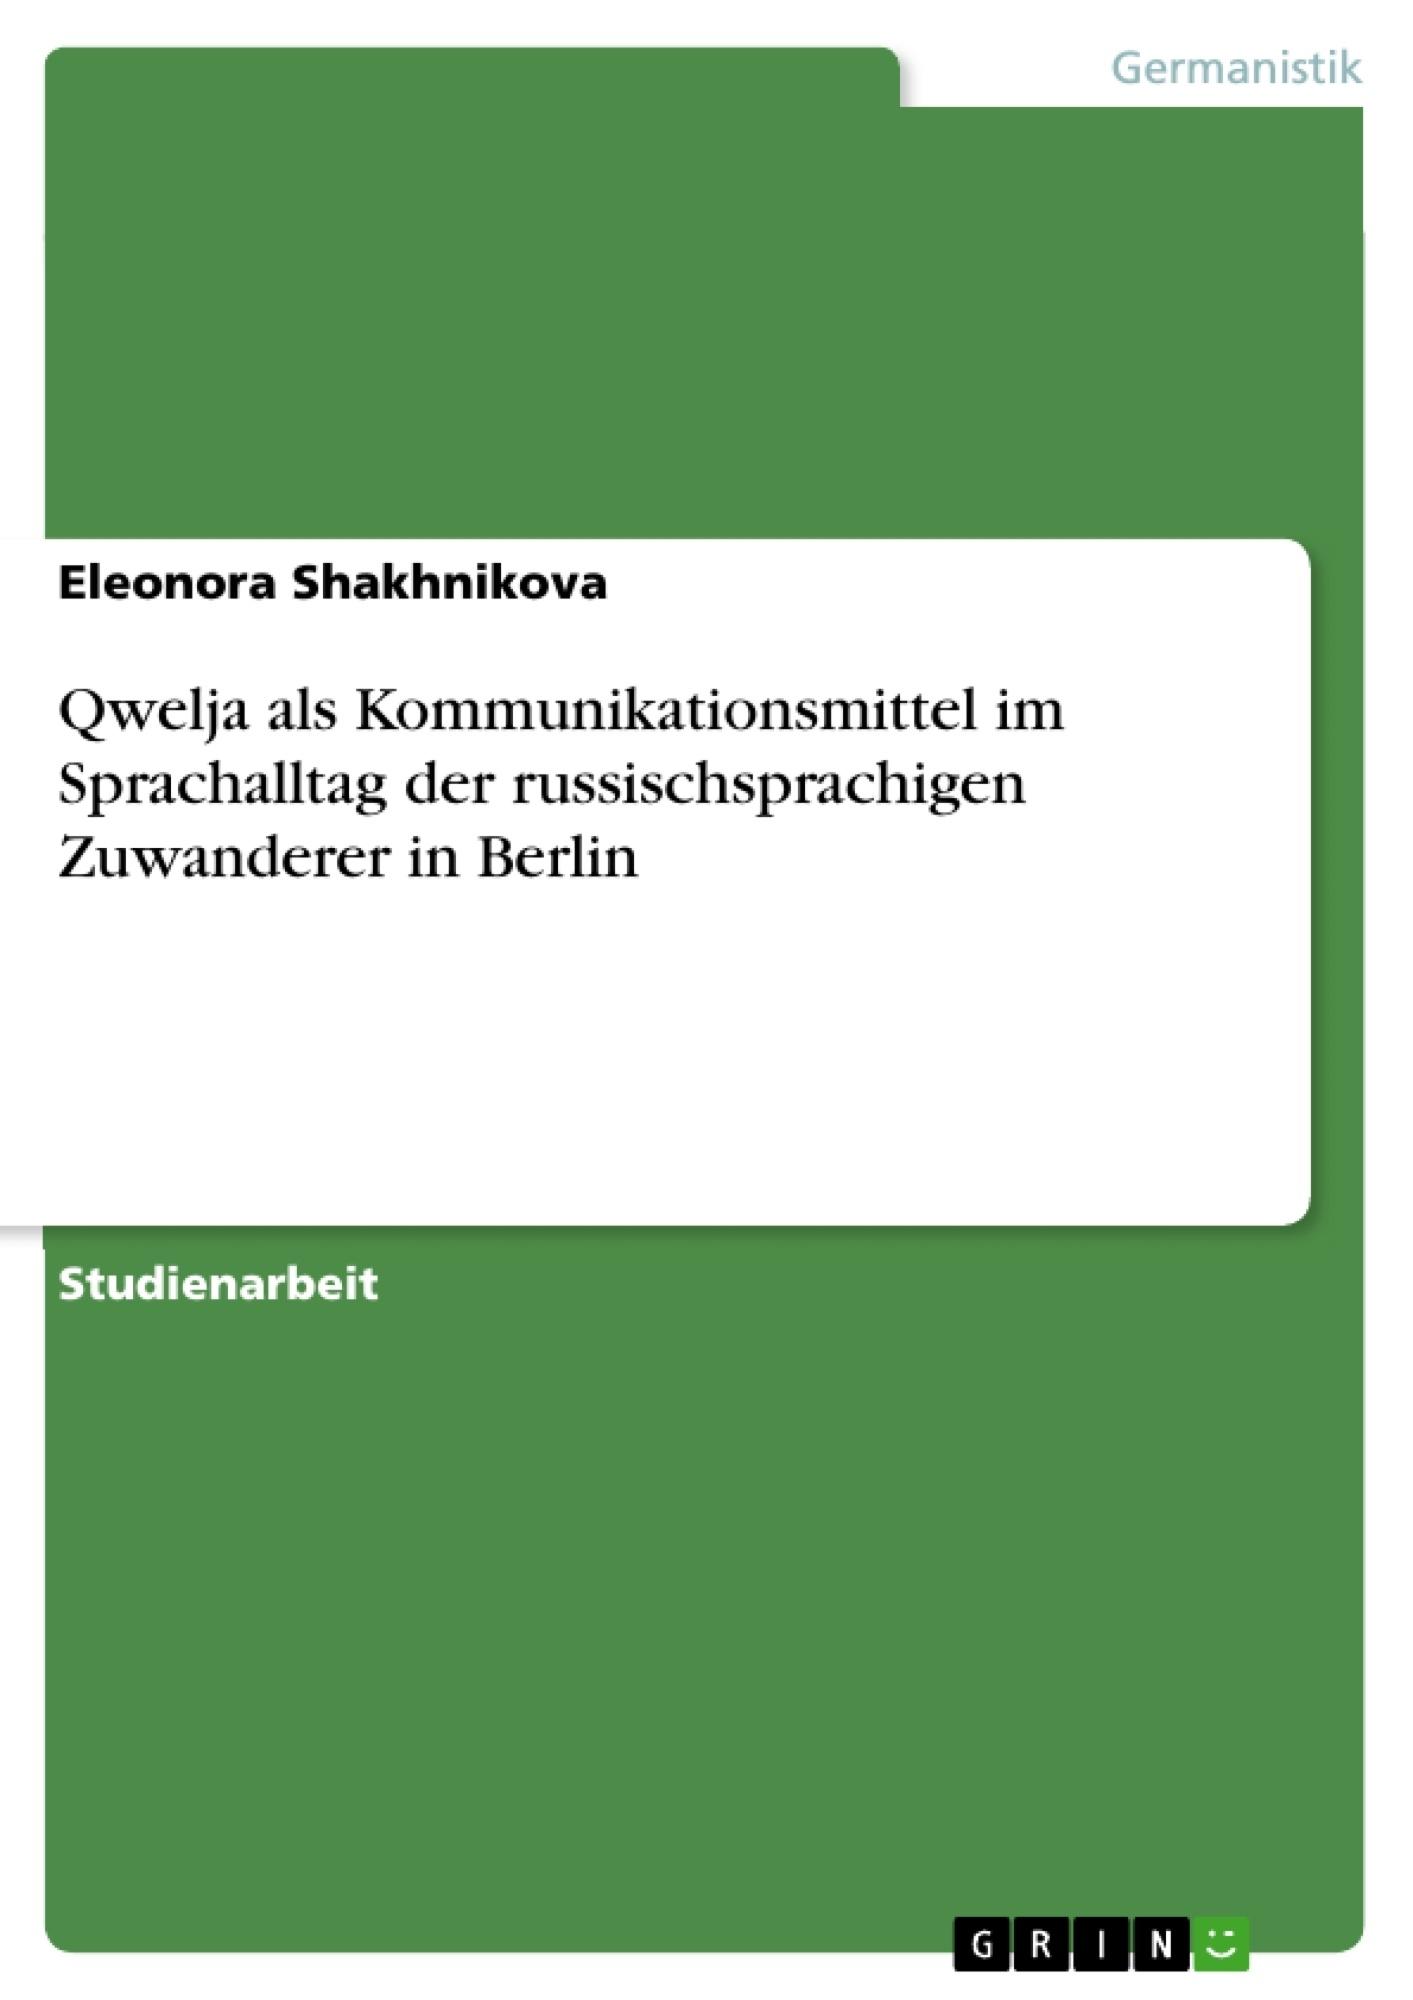 Titel: Qwelja als Kommunikationsmittel im Sprachalltag der russischsprachigen Zuwanderer in Berlin